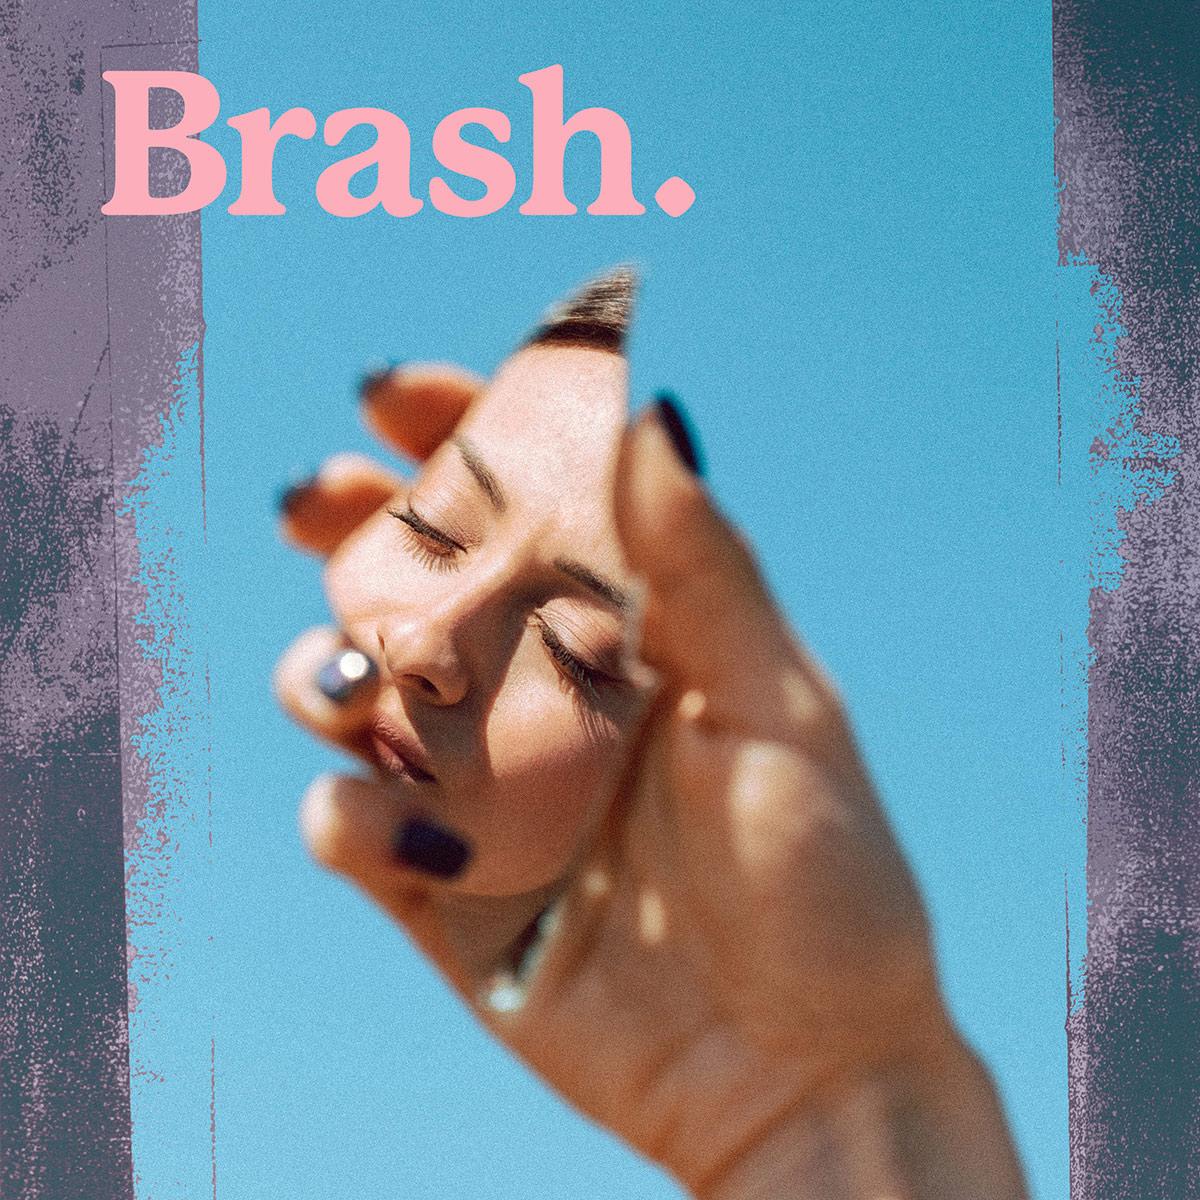 Brash_Mirror_Square_small